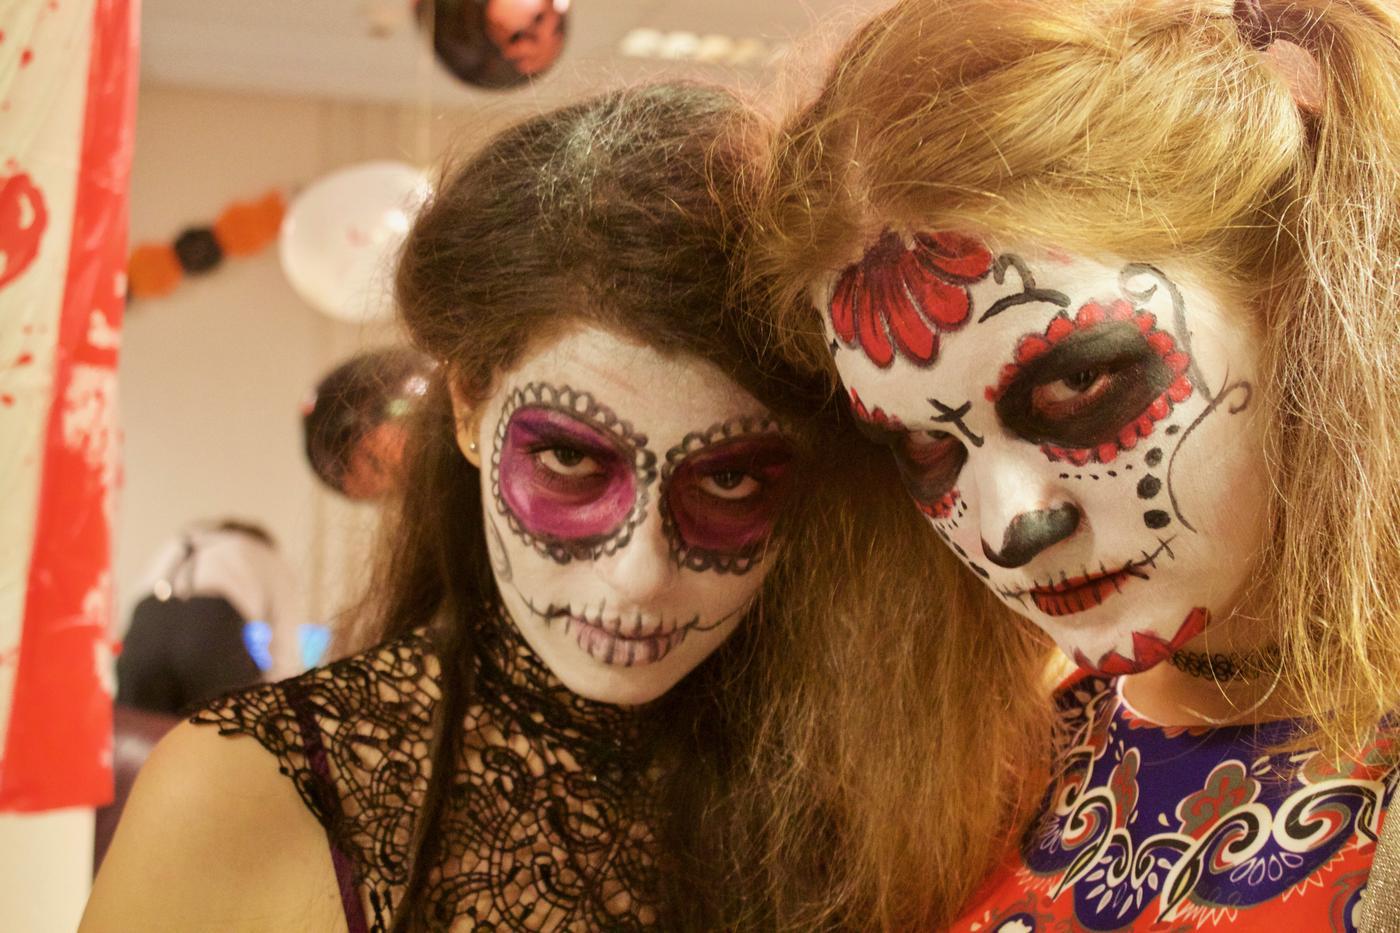 A 'Killer' Halloween Party